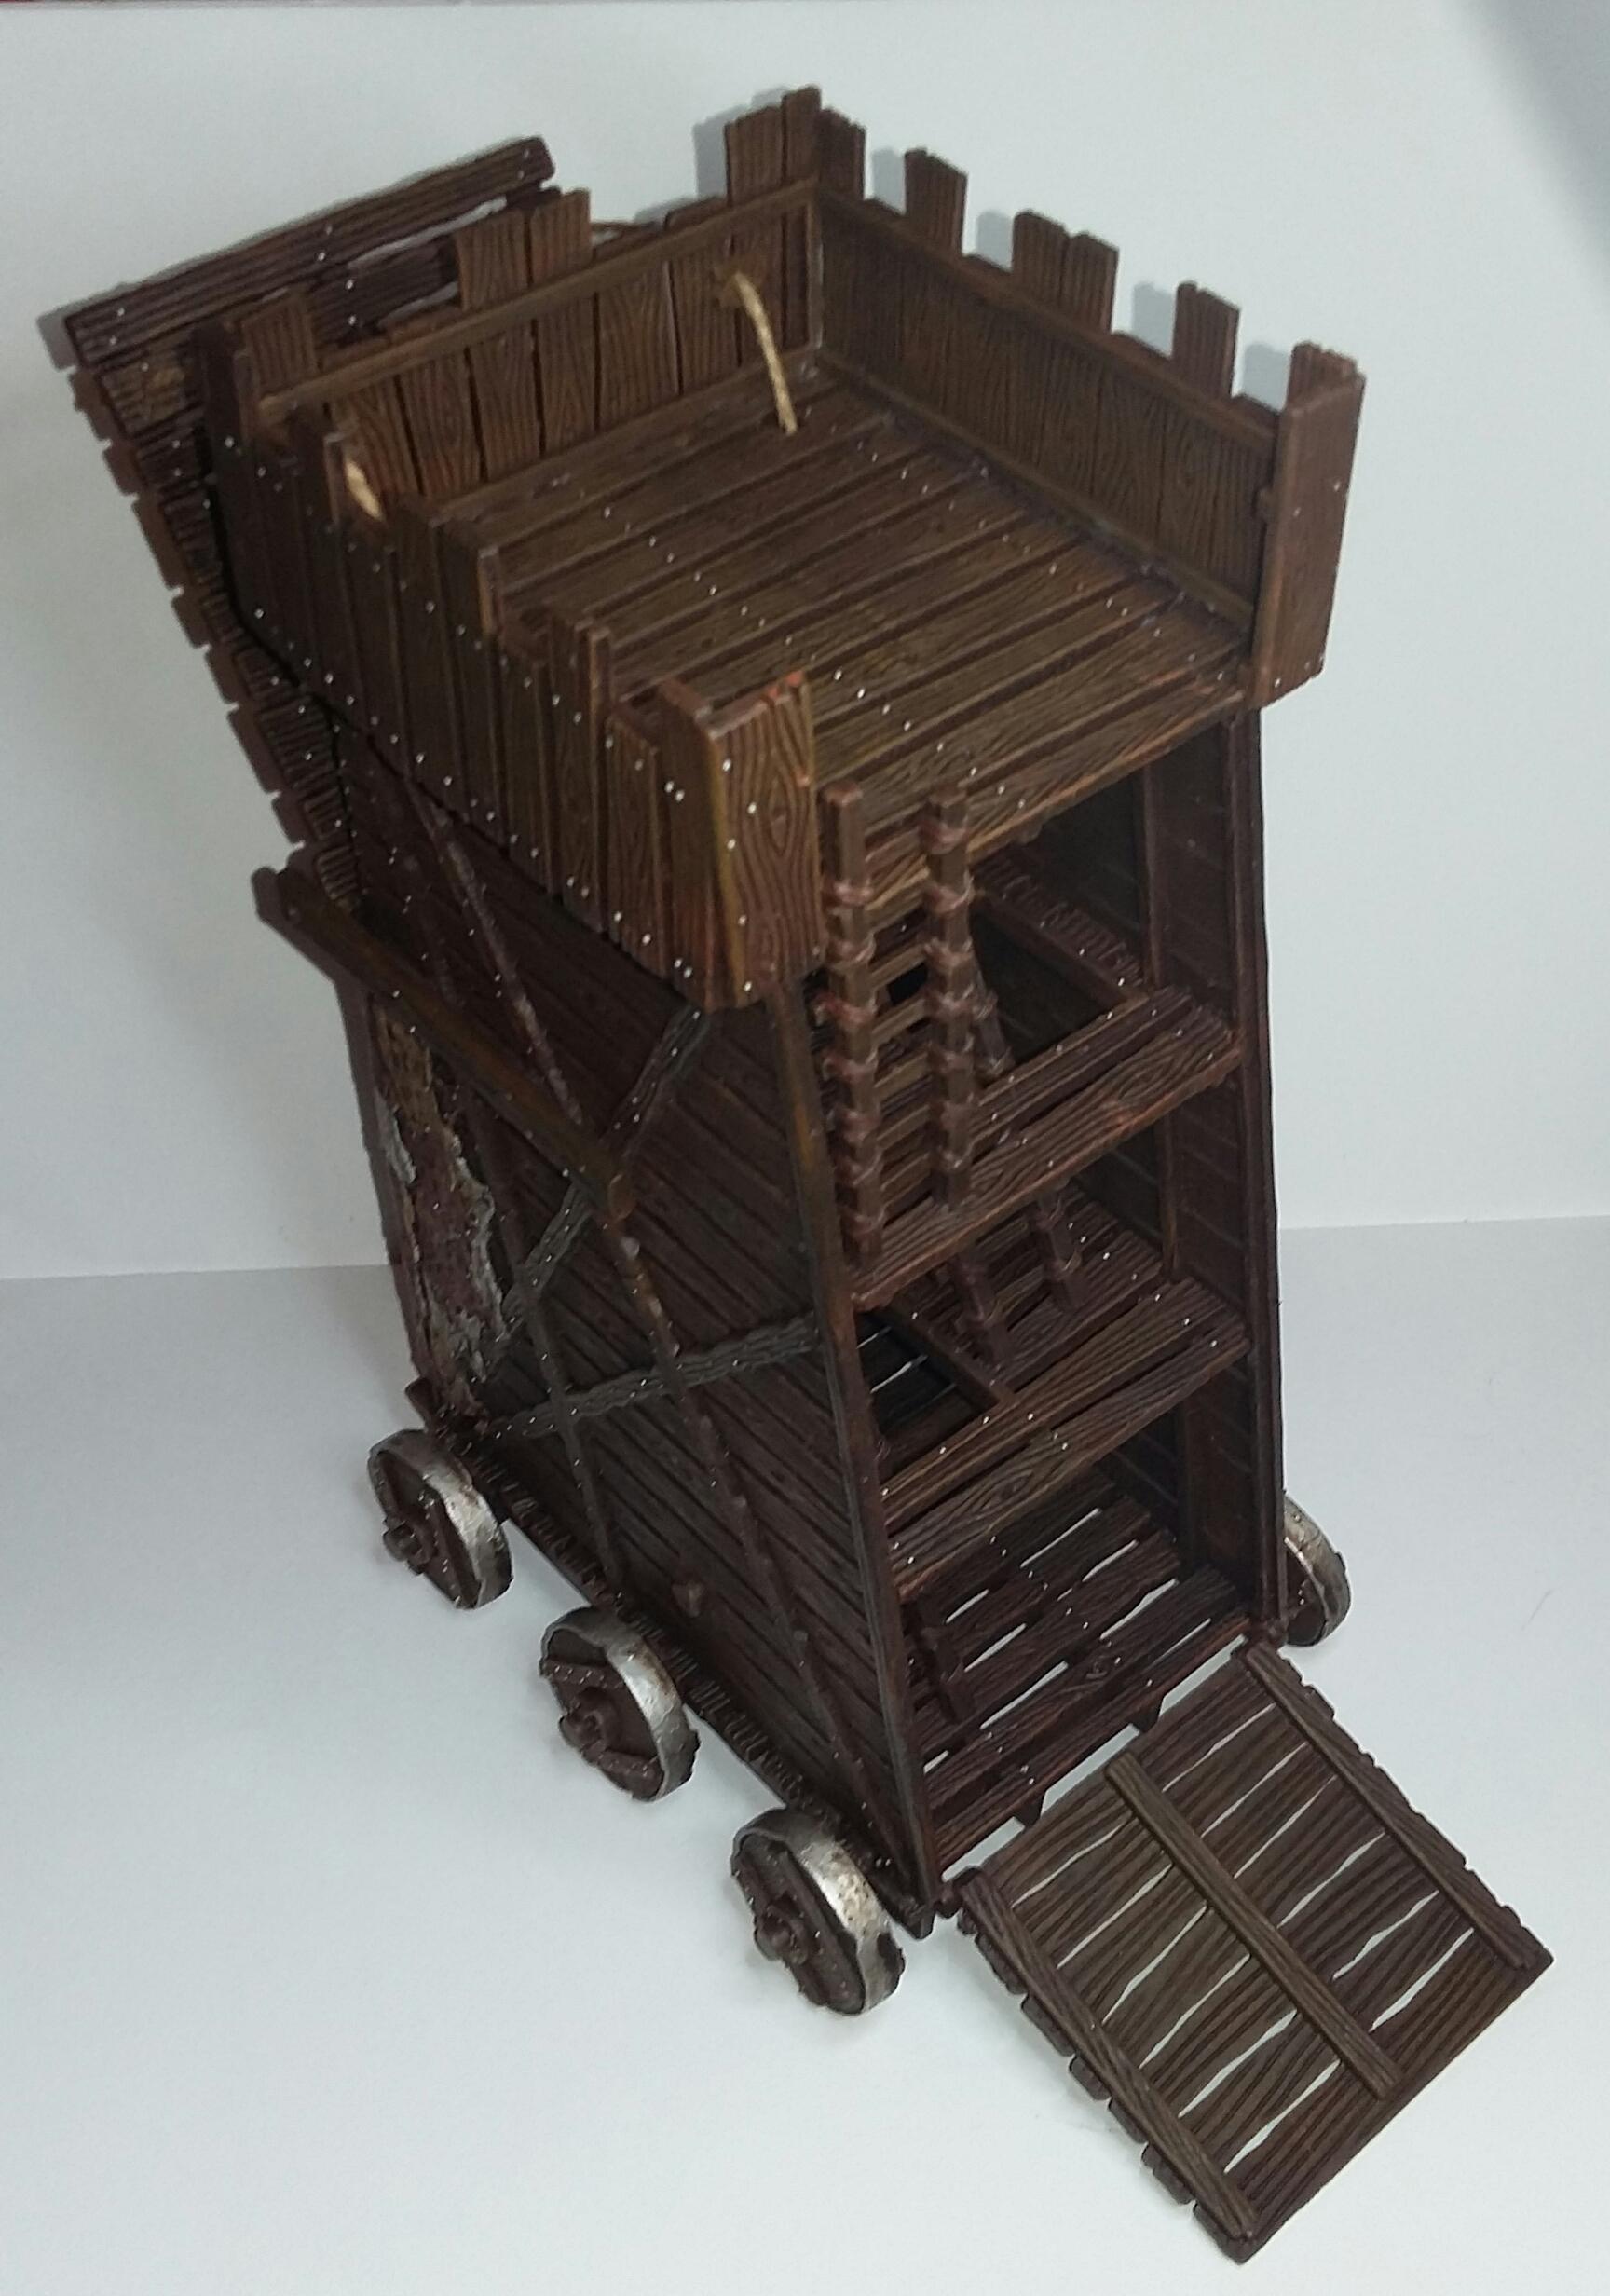 Siege Tower, Warhammer Fantasy